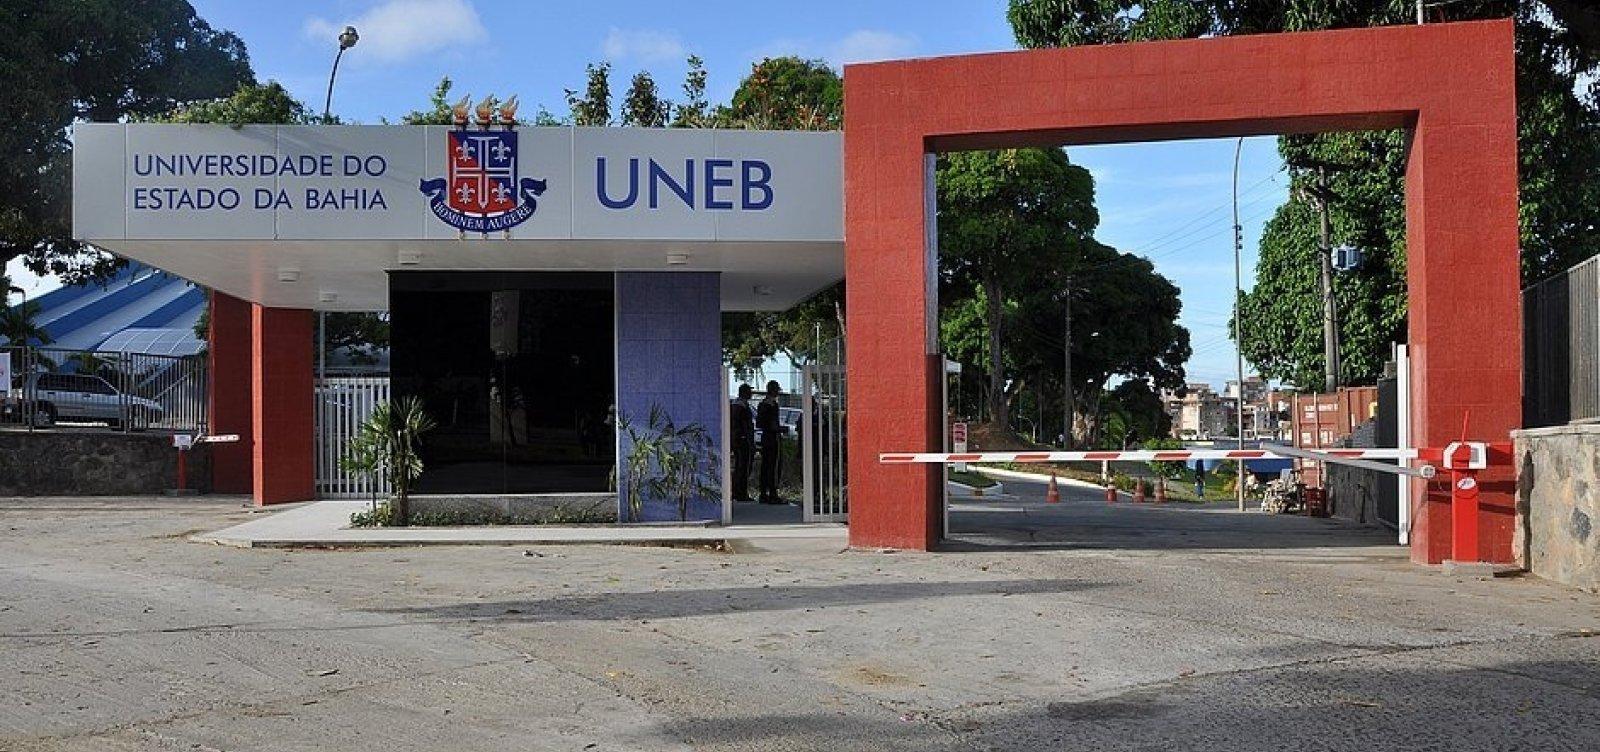 [Assembleias devem definir se greve das universidades estaduais será encerrada]